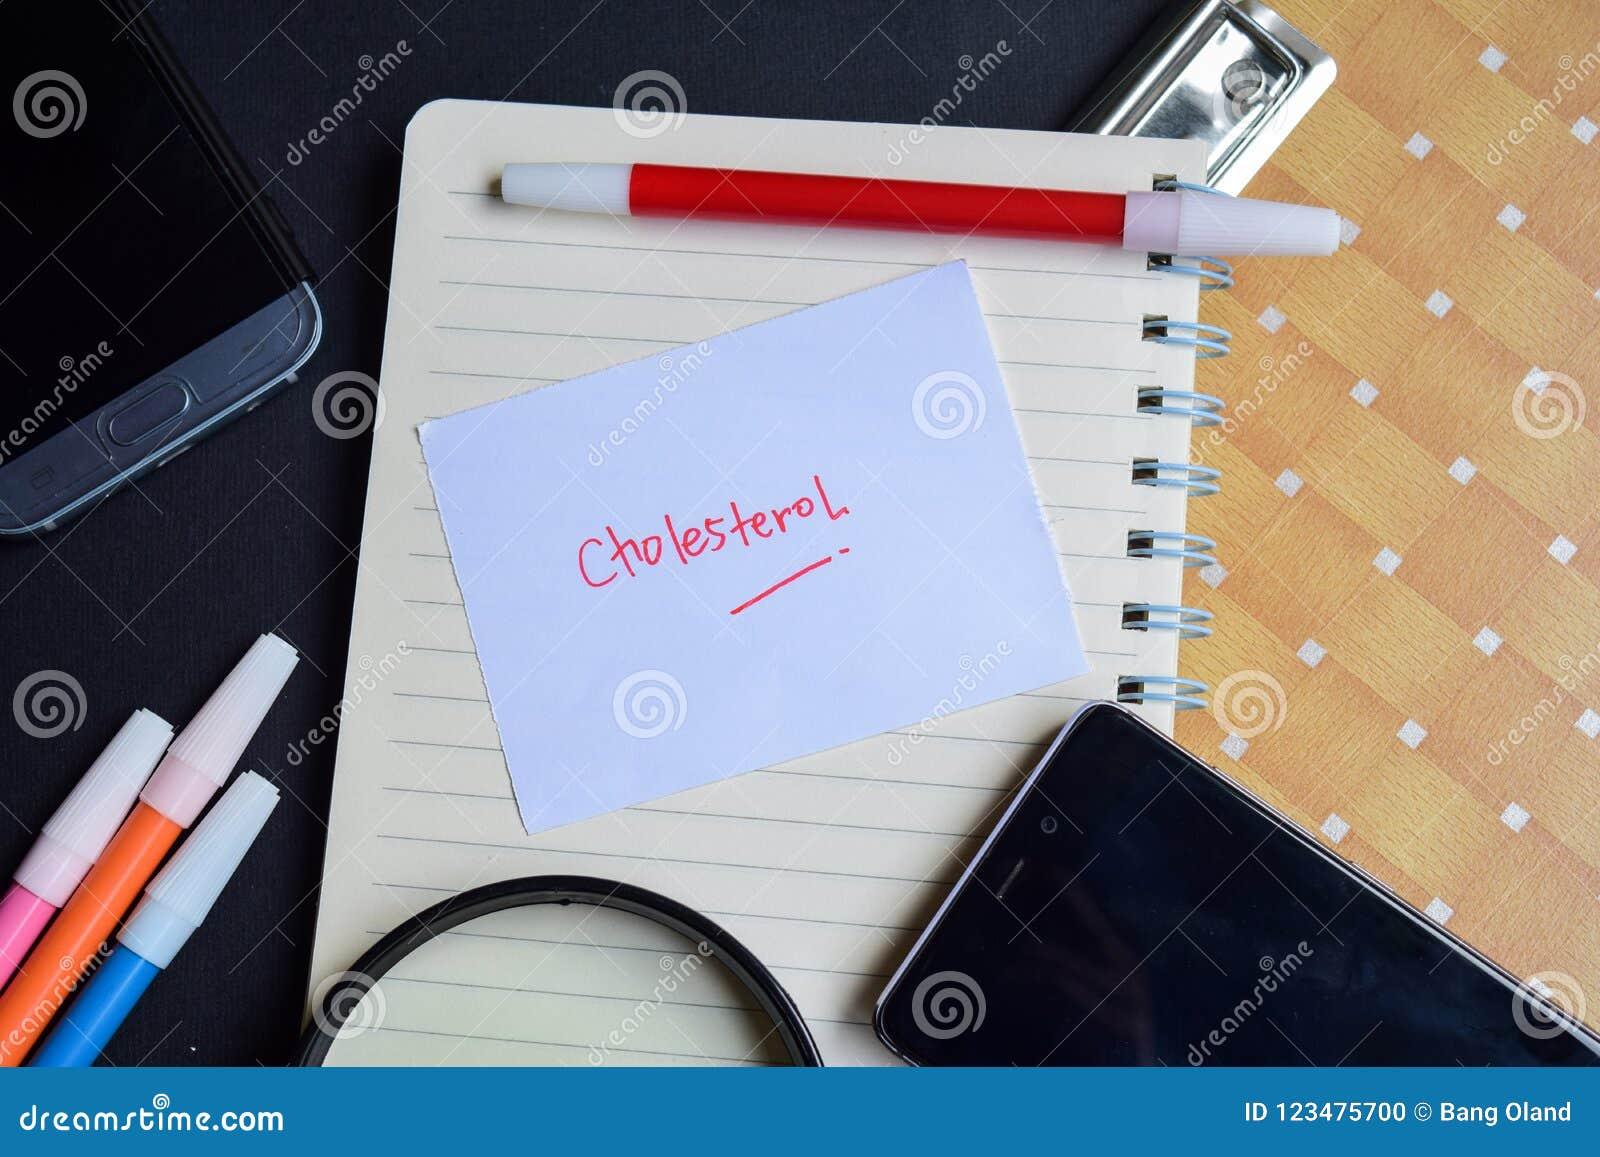 Cholesterinwort geschrieben auf Papier Cholesterintext auf Arbeitsbuch, Technologiegeschäftskonzept